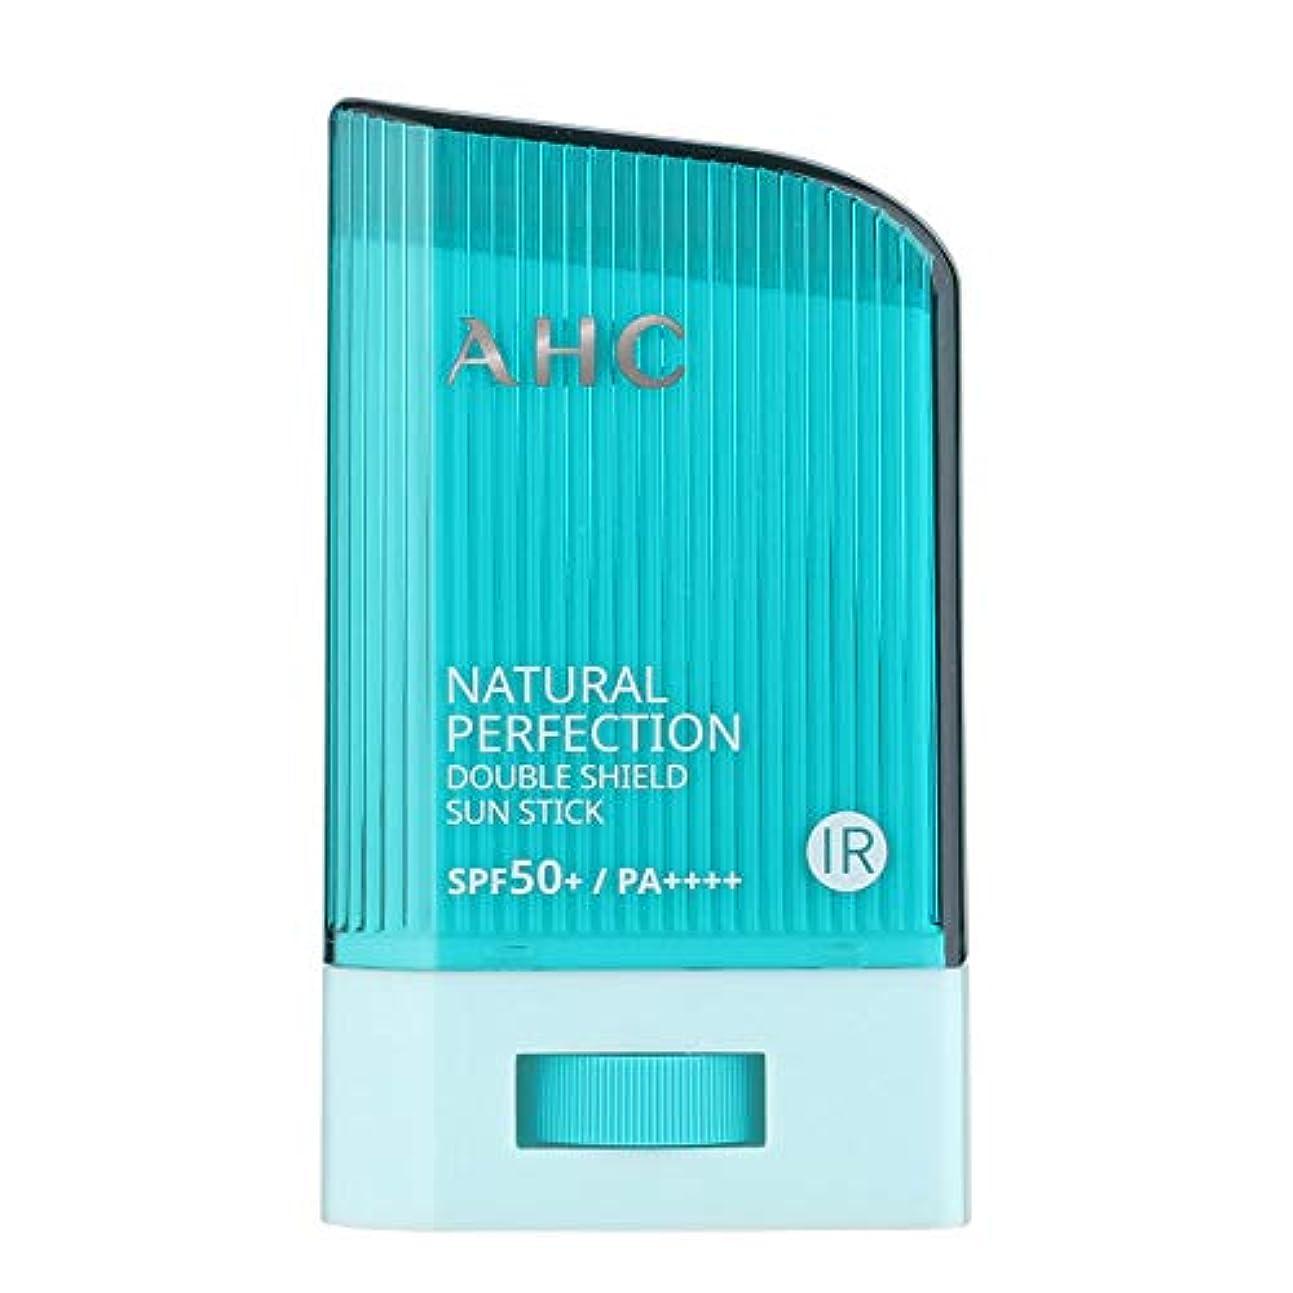 サミュエルアテンダント落とし穴AHC ナチュラルパーフェクションダブルシールドサンスティック 22g, Natural Perfection Double Shield Sun Stick SPF50+ PA++++